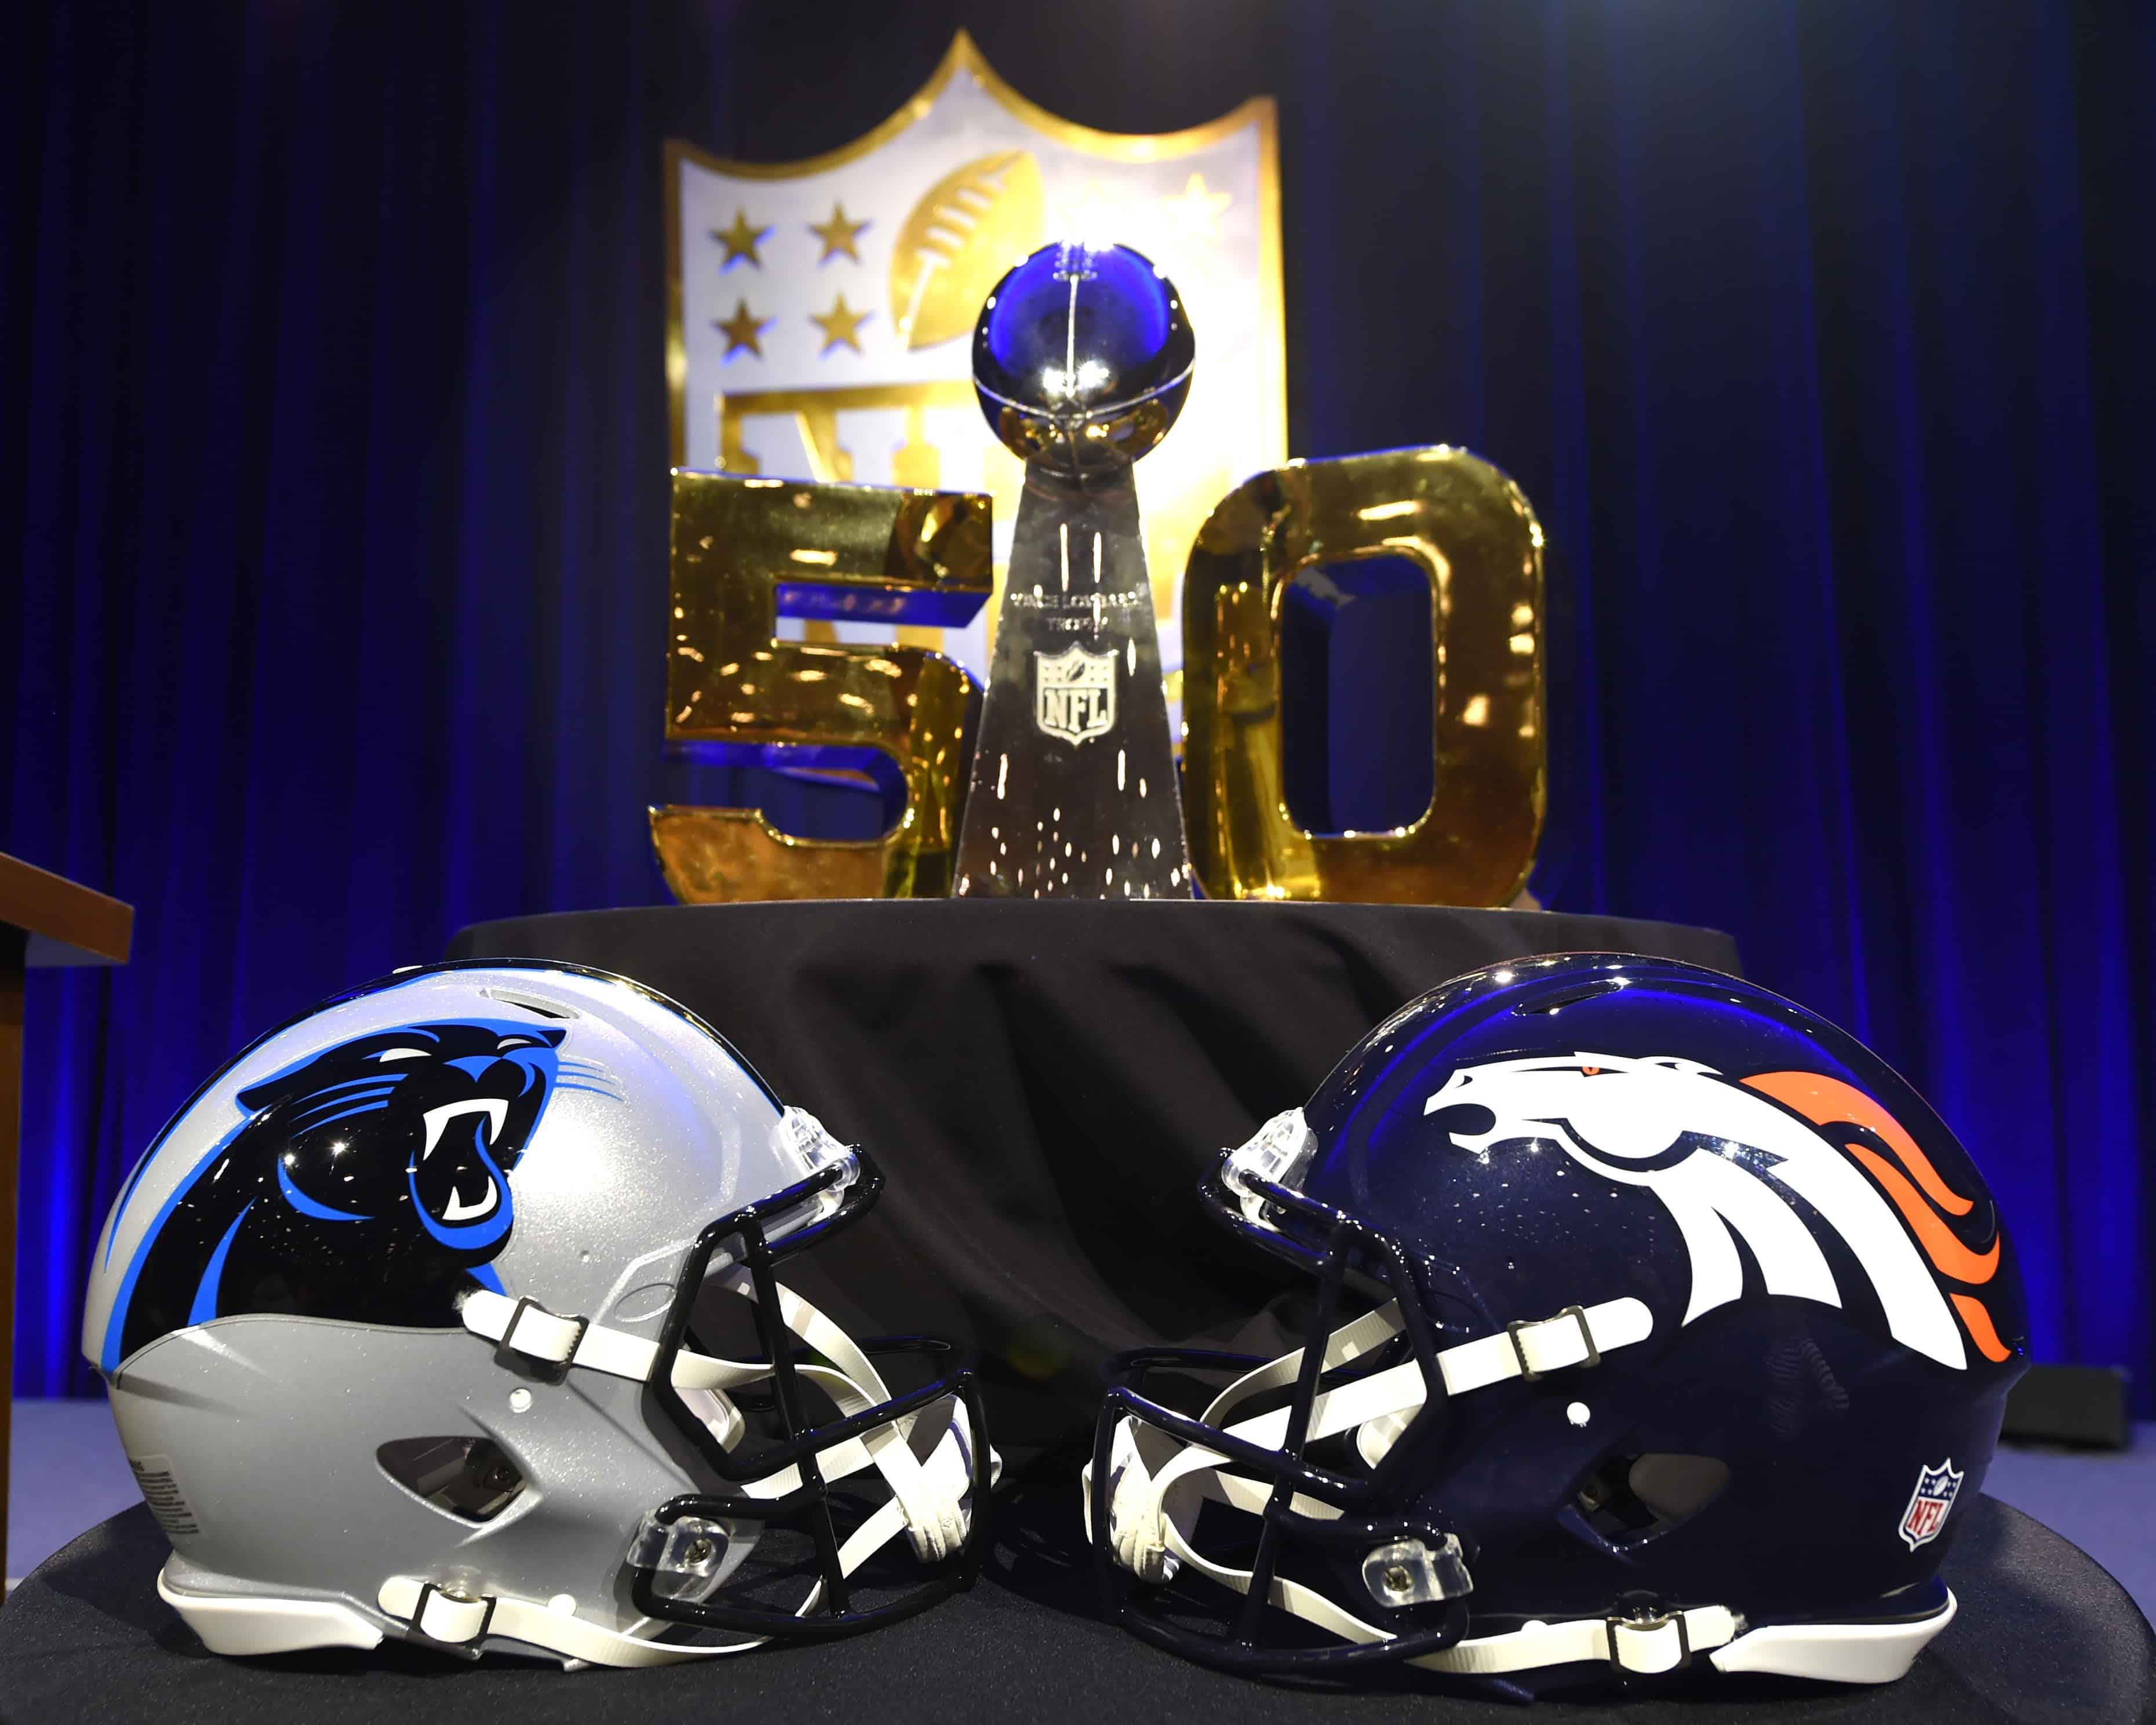 Super Bowl 50 with Carolina Panthers vs. Denver Broncos